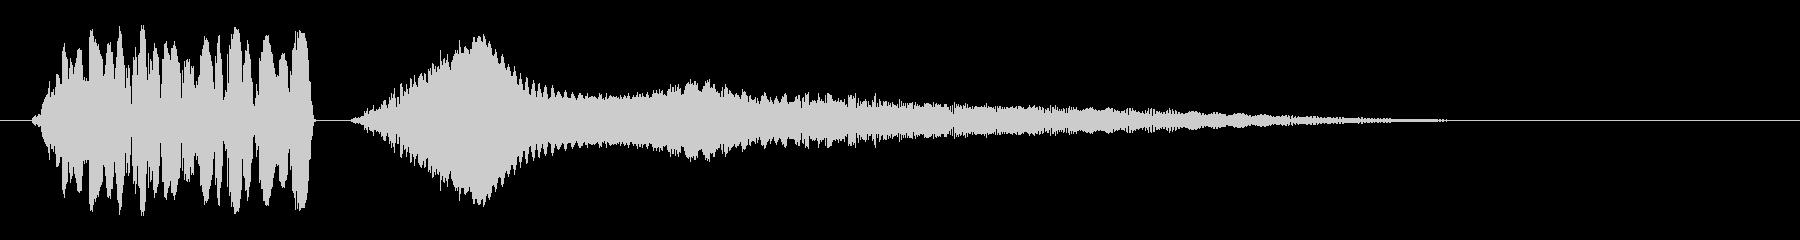 「ピュピューン」(ミサイル音)の未再生の波形